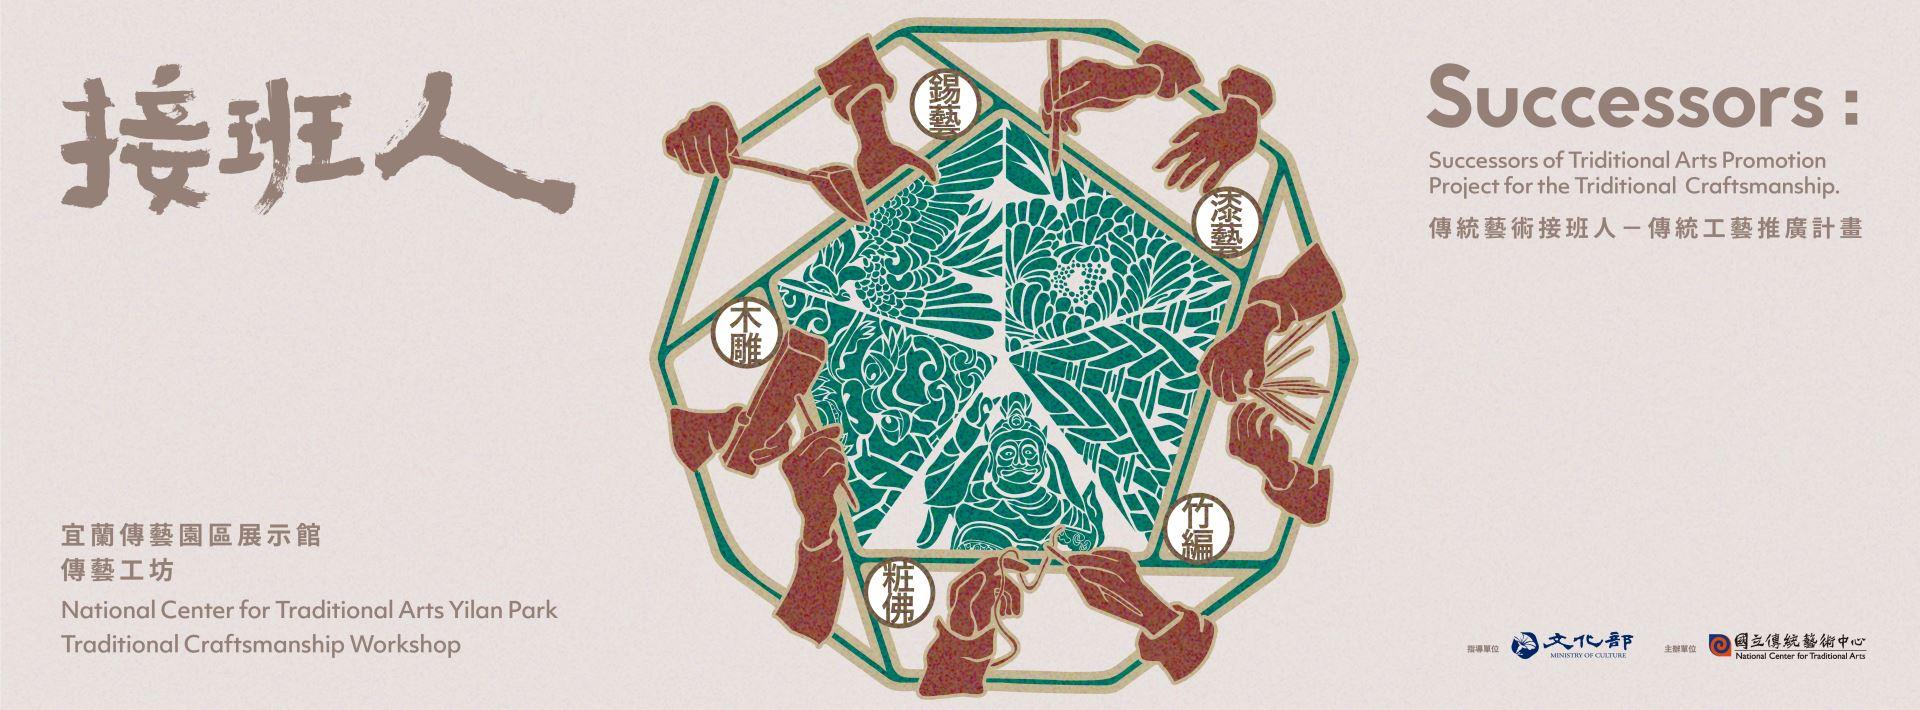 傳統藝術接班人-傳統工藝推廣計畫「另開新視窗」